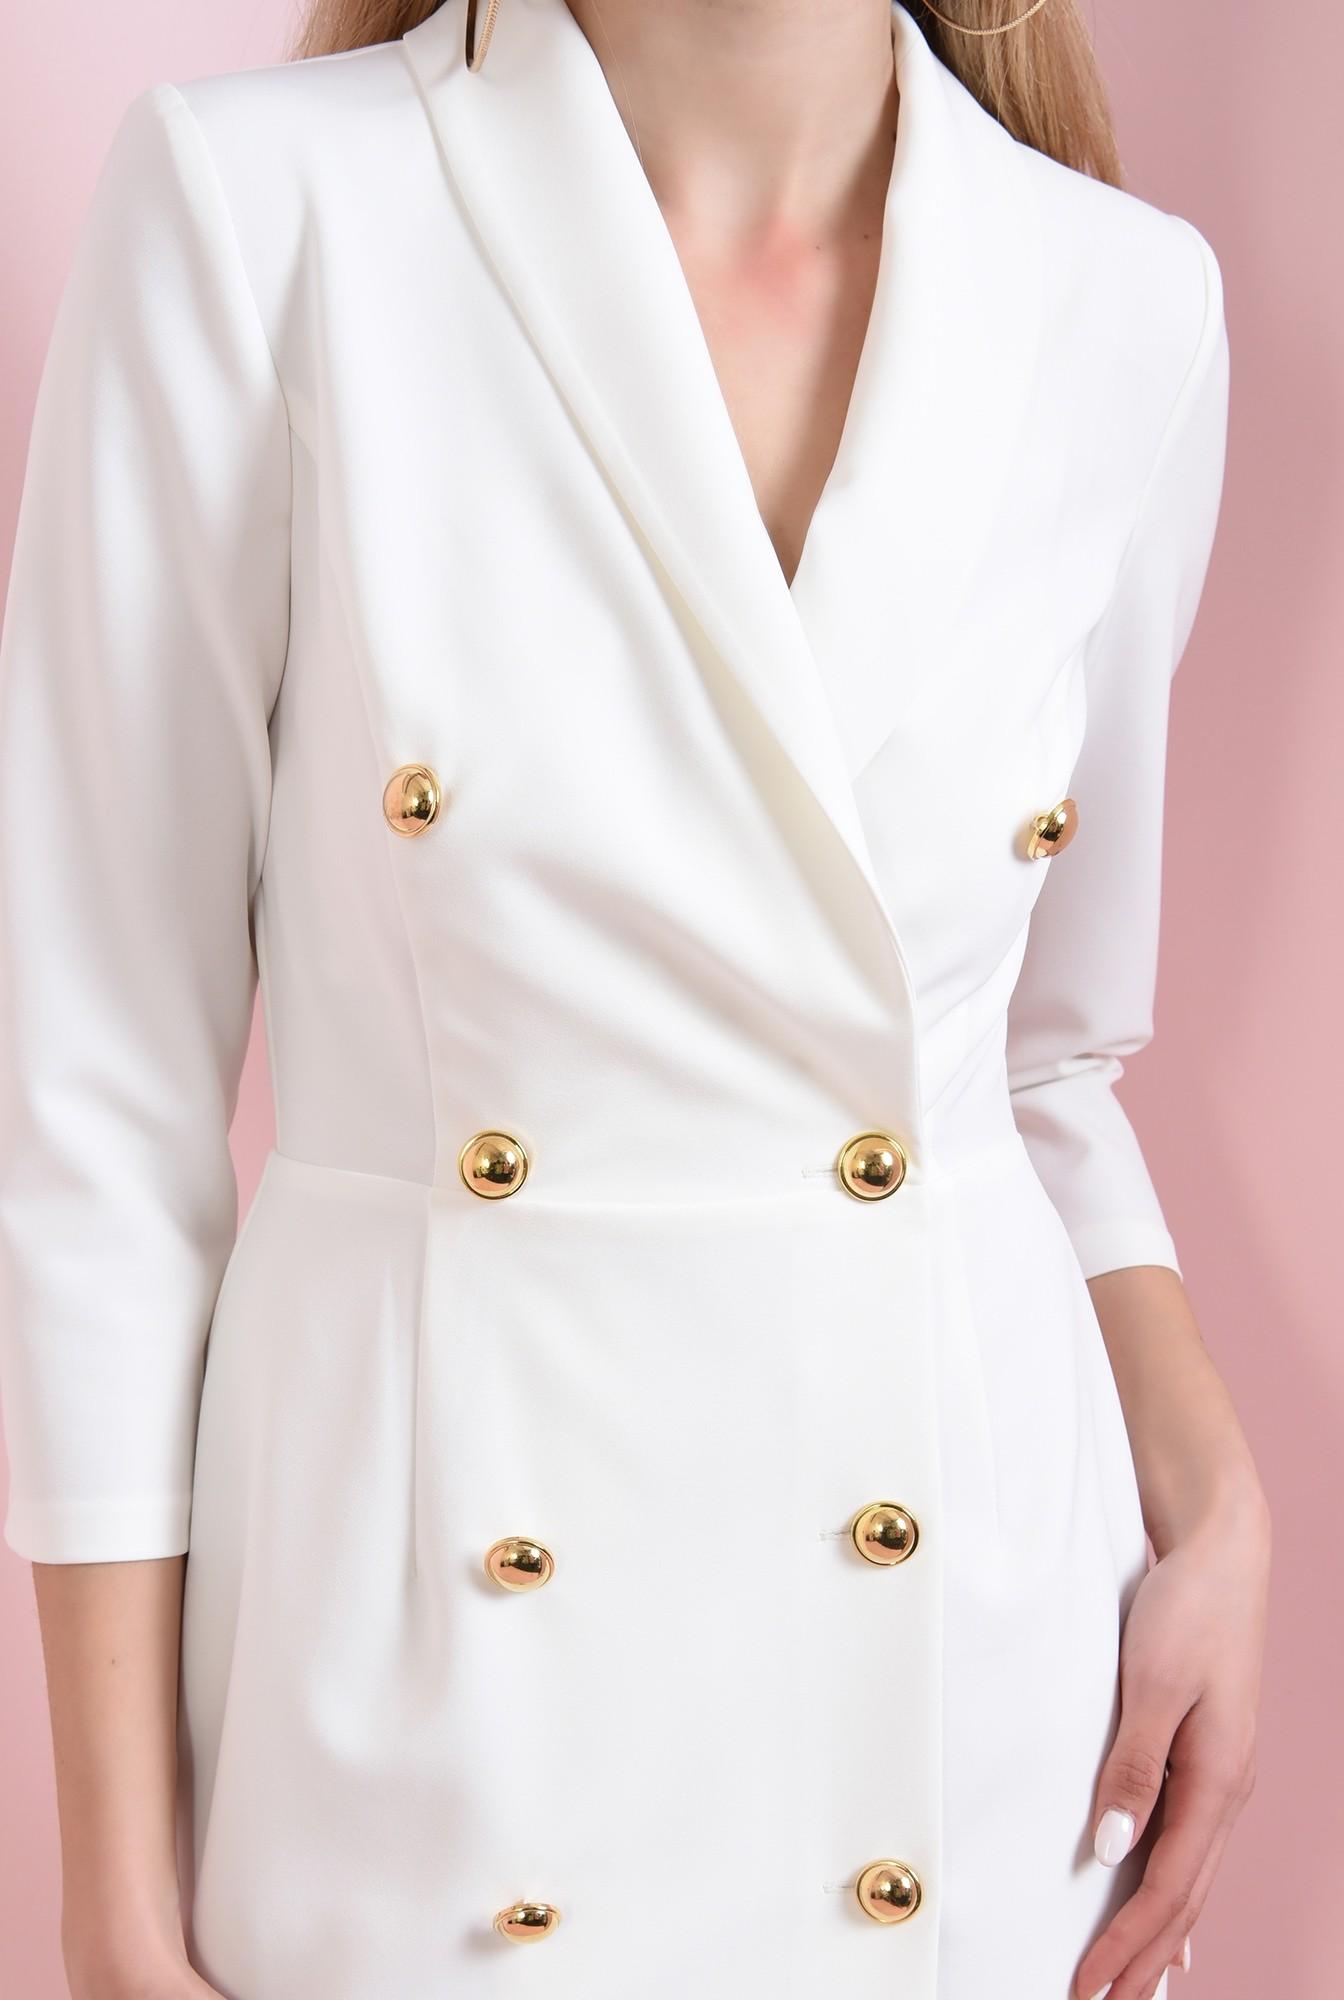 2 - 360 - rochie mini, ivoar, cu nasturi aurii